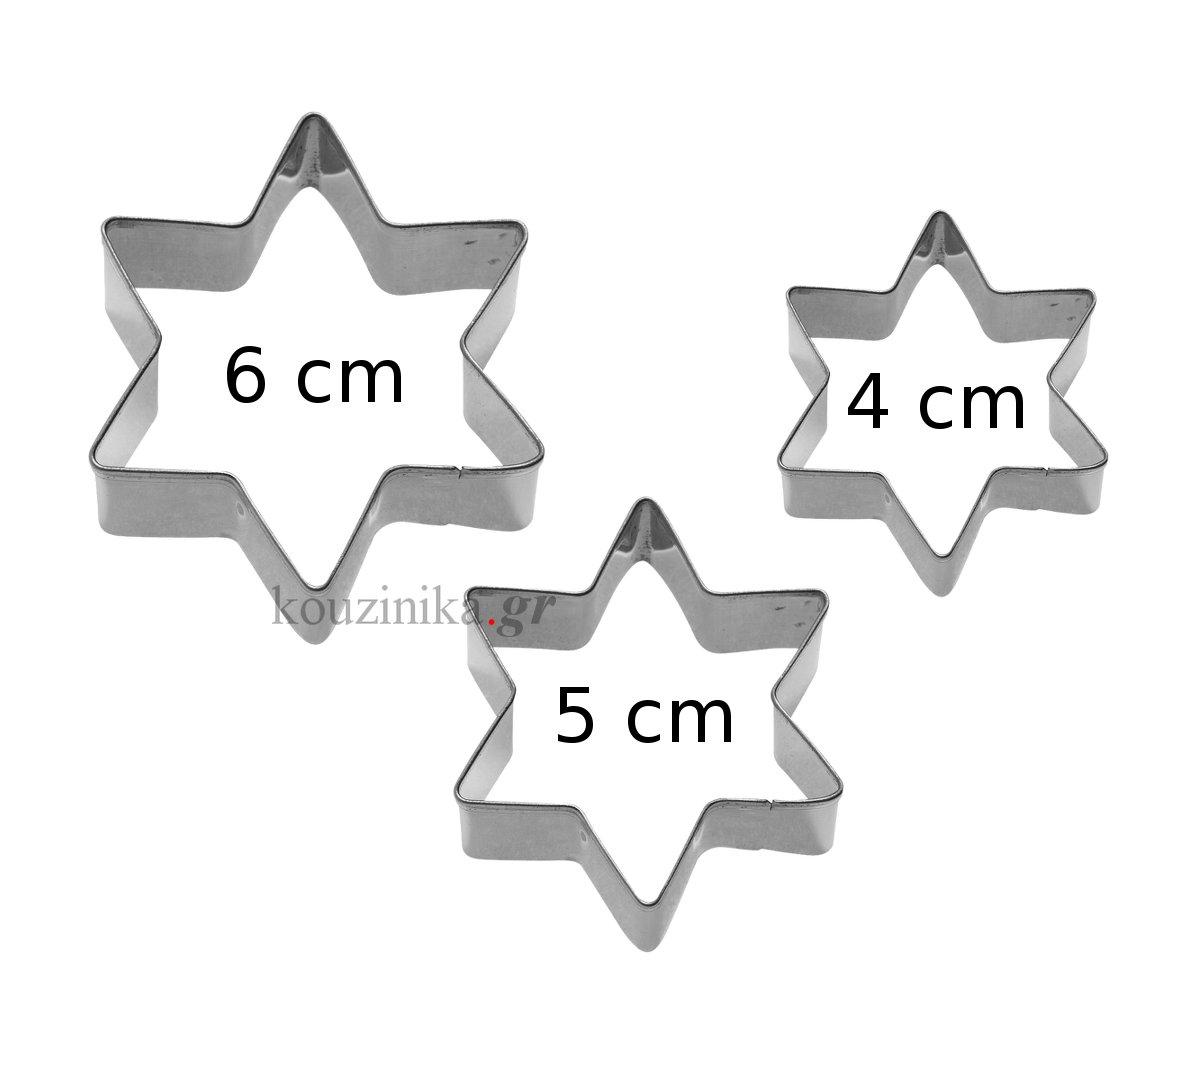 Σετ 3 ανοξείδωτα κουπάτ αστέρι 4-5-6 cm